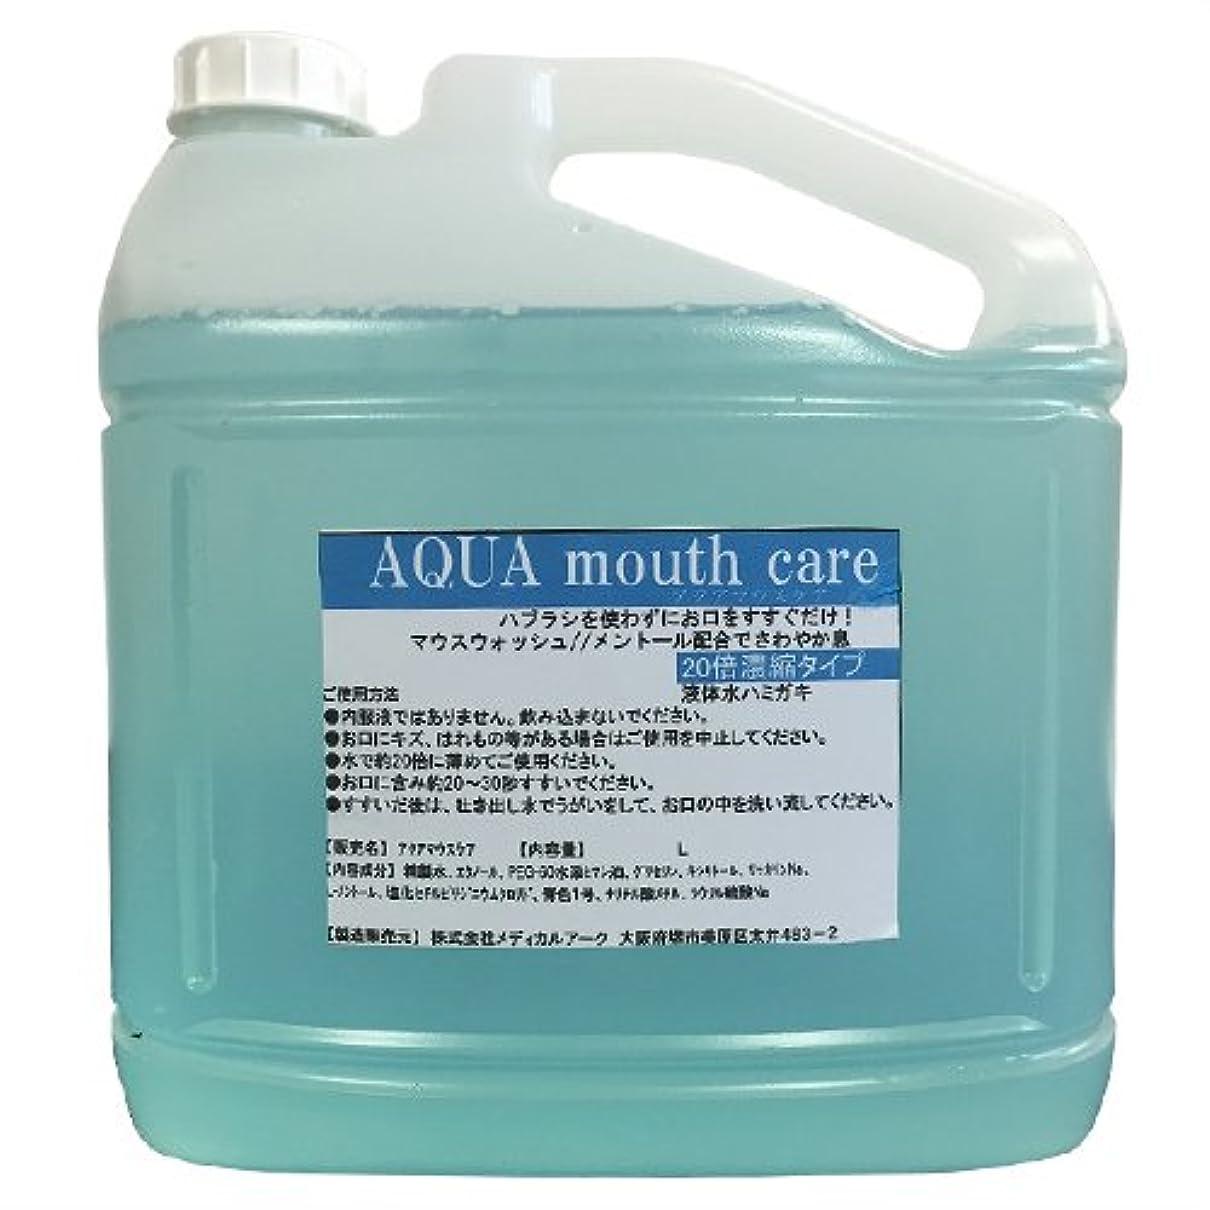 天使旅行者人物業務用洗口液 マウスウォッシュ アクアマウスケア (AQUA mouth care) 20倍濃縮タイプ 5L (詰め替えコック付き)